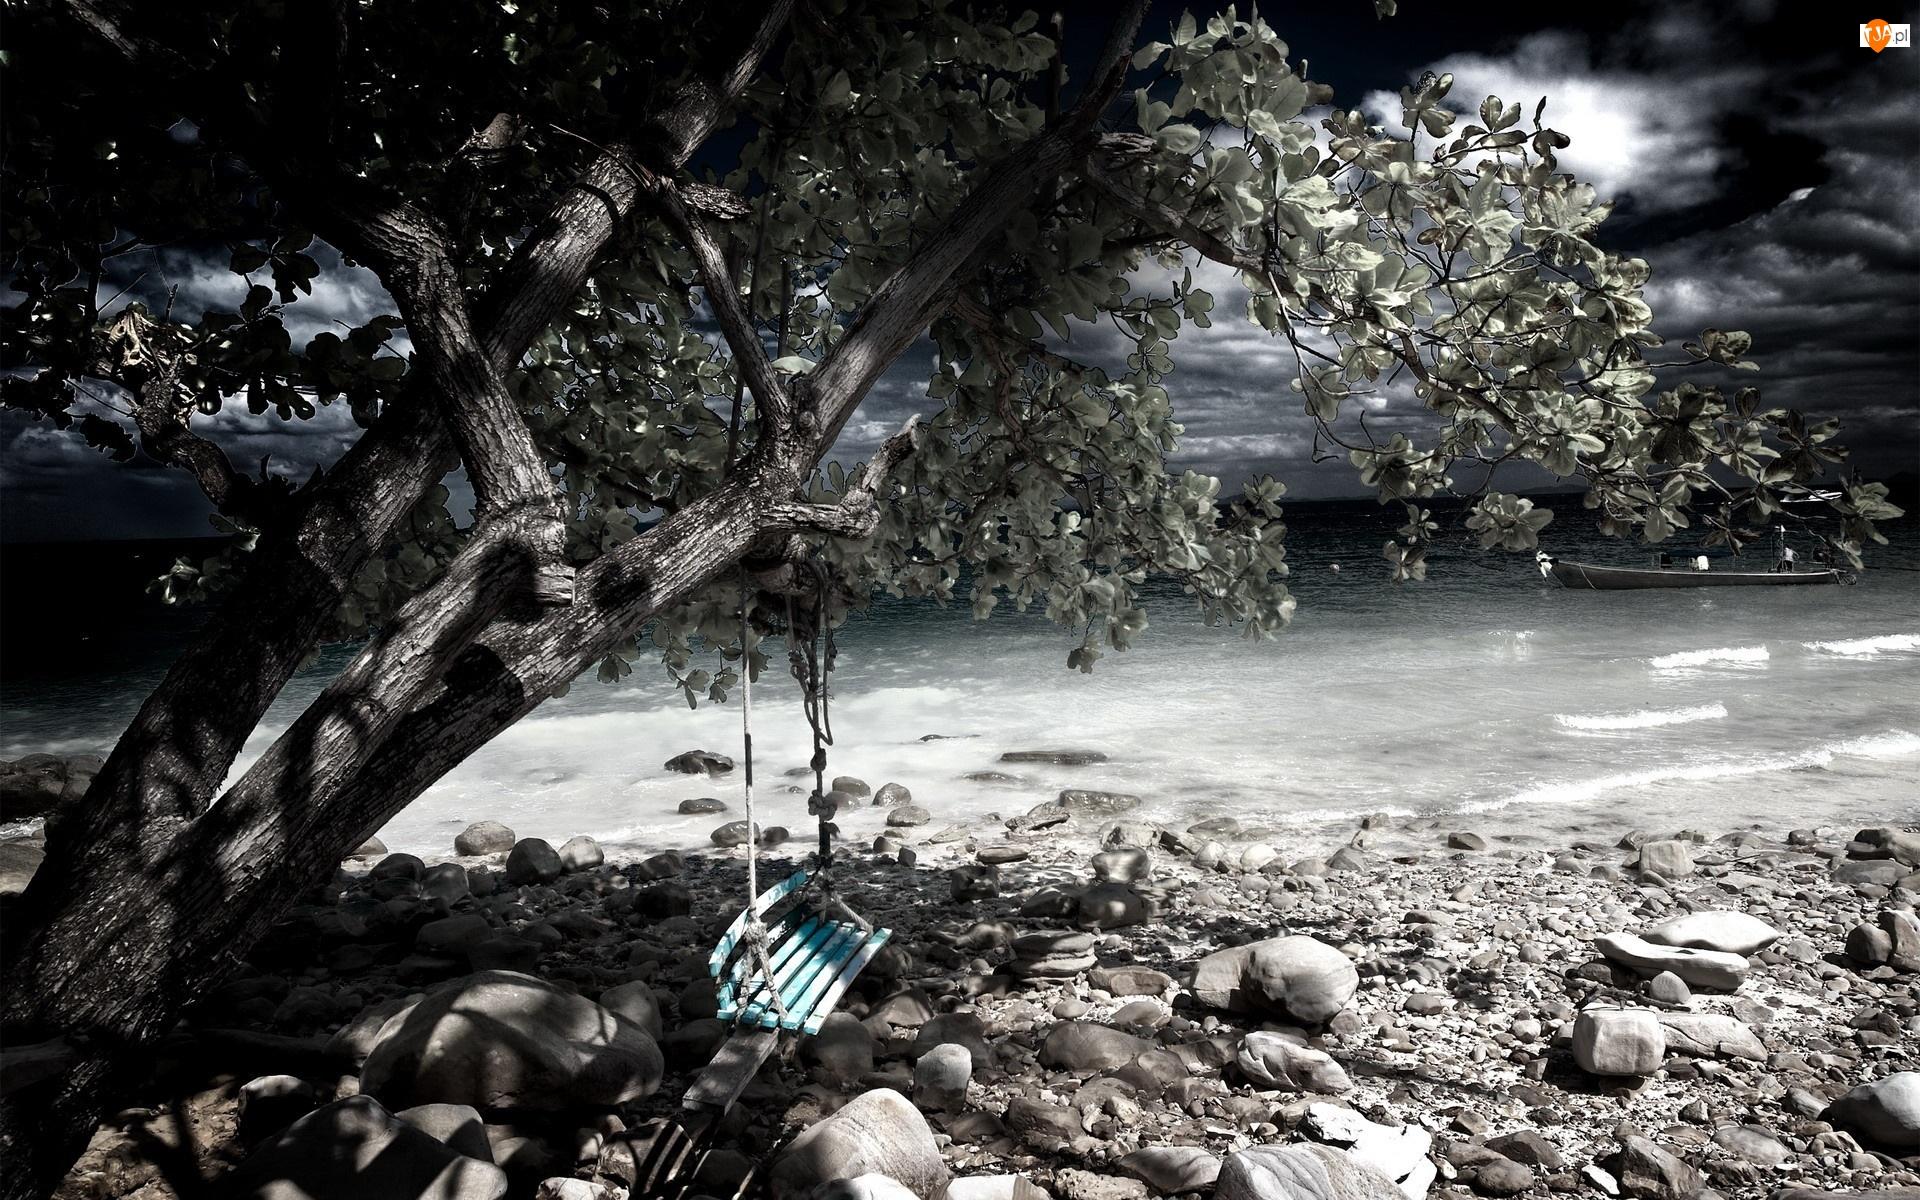 Kamienie, Drzewo, Huśtawka